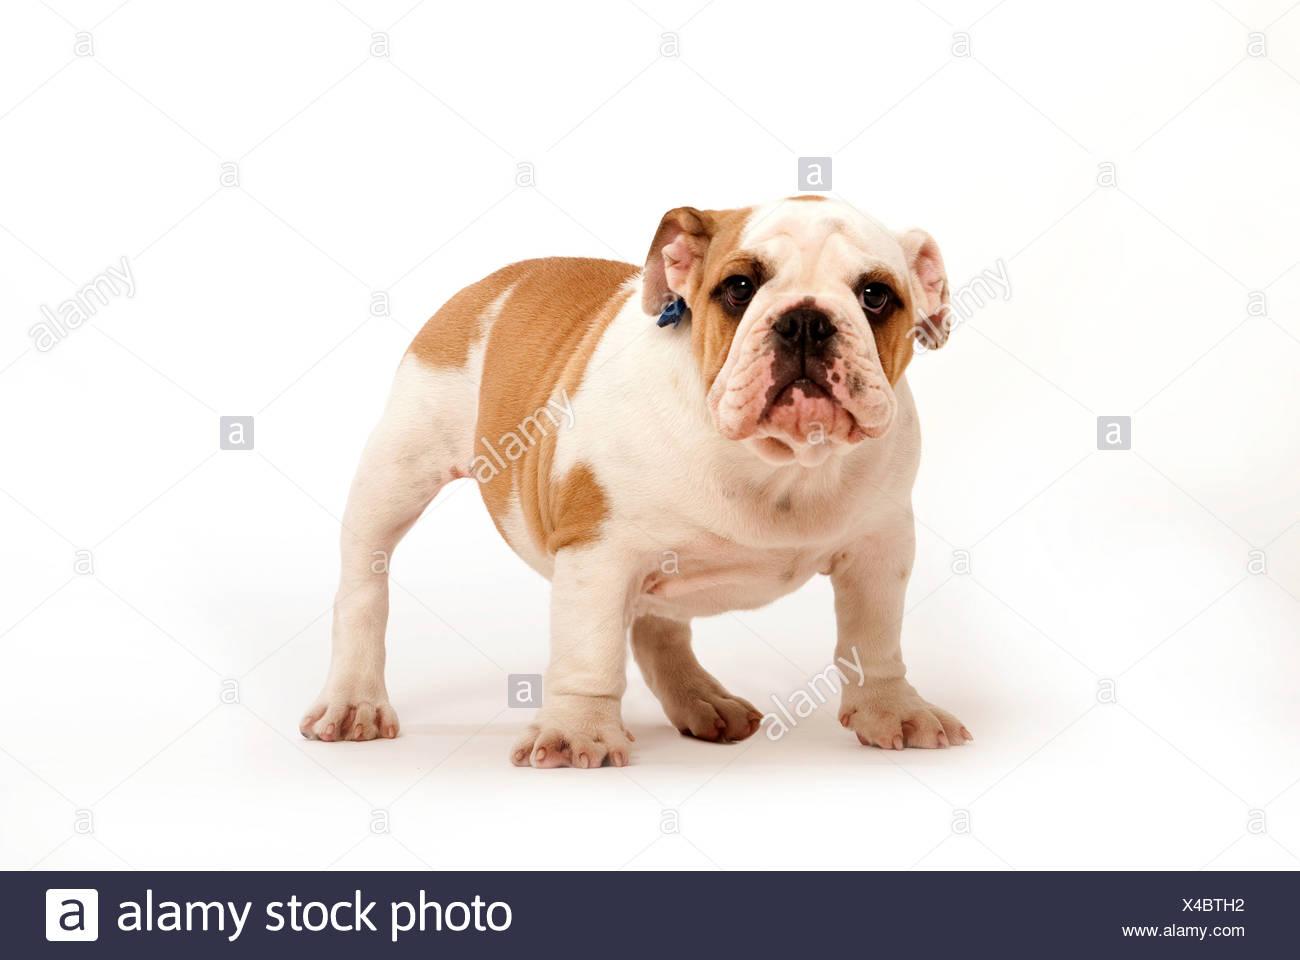 Bulldog Puppy Dog UK - Stock Image